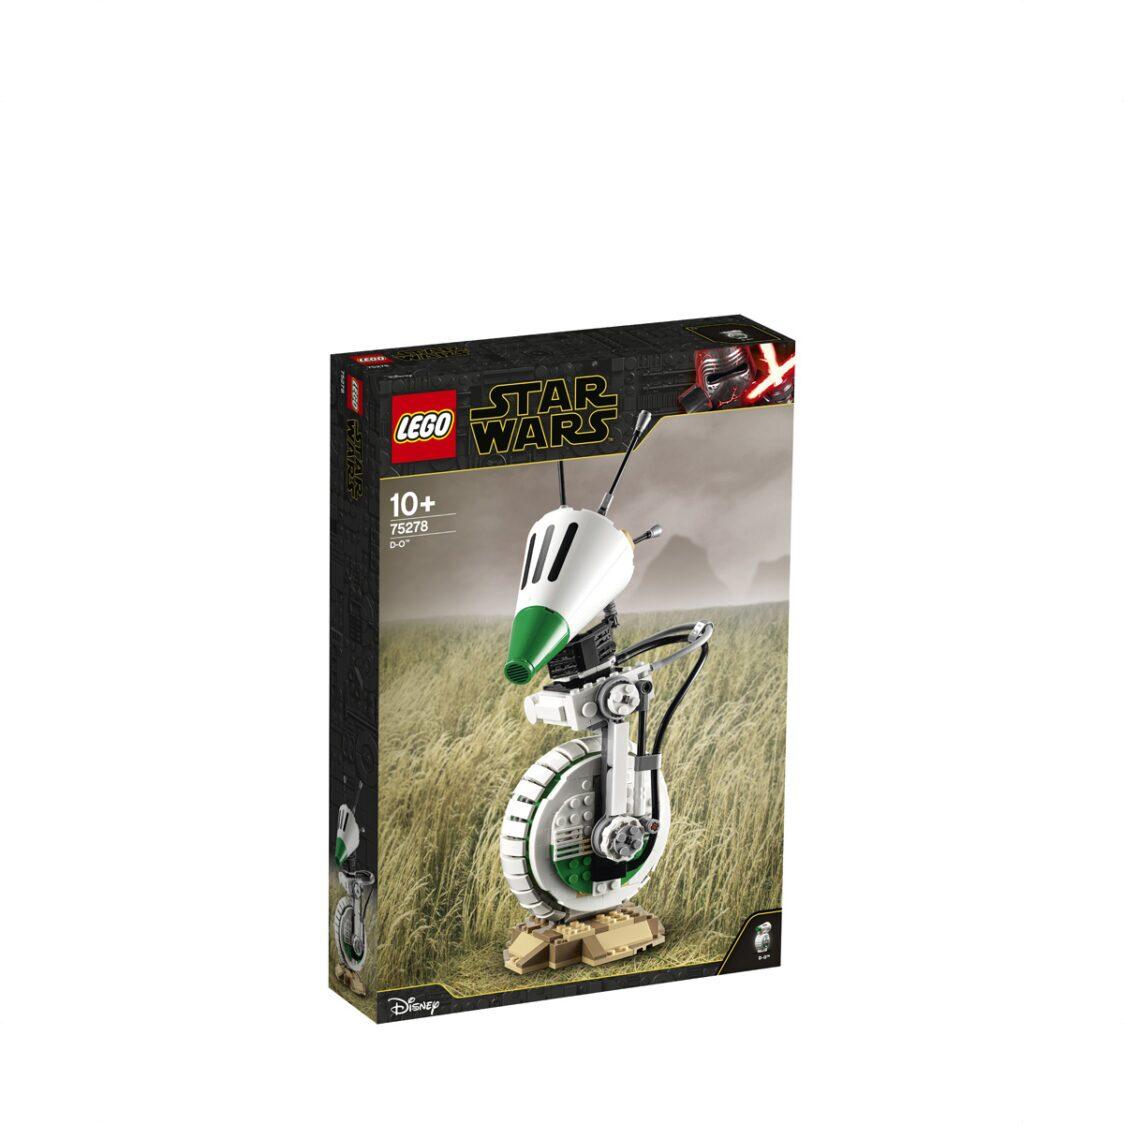 LEGO STAR WARS - D-O 75278